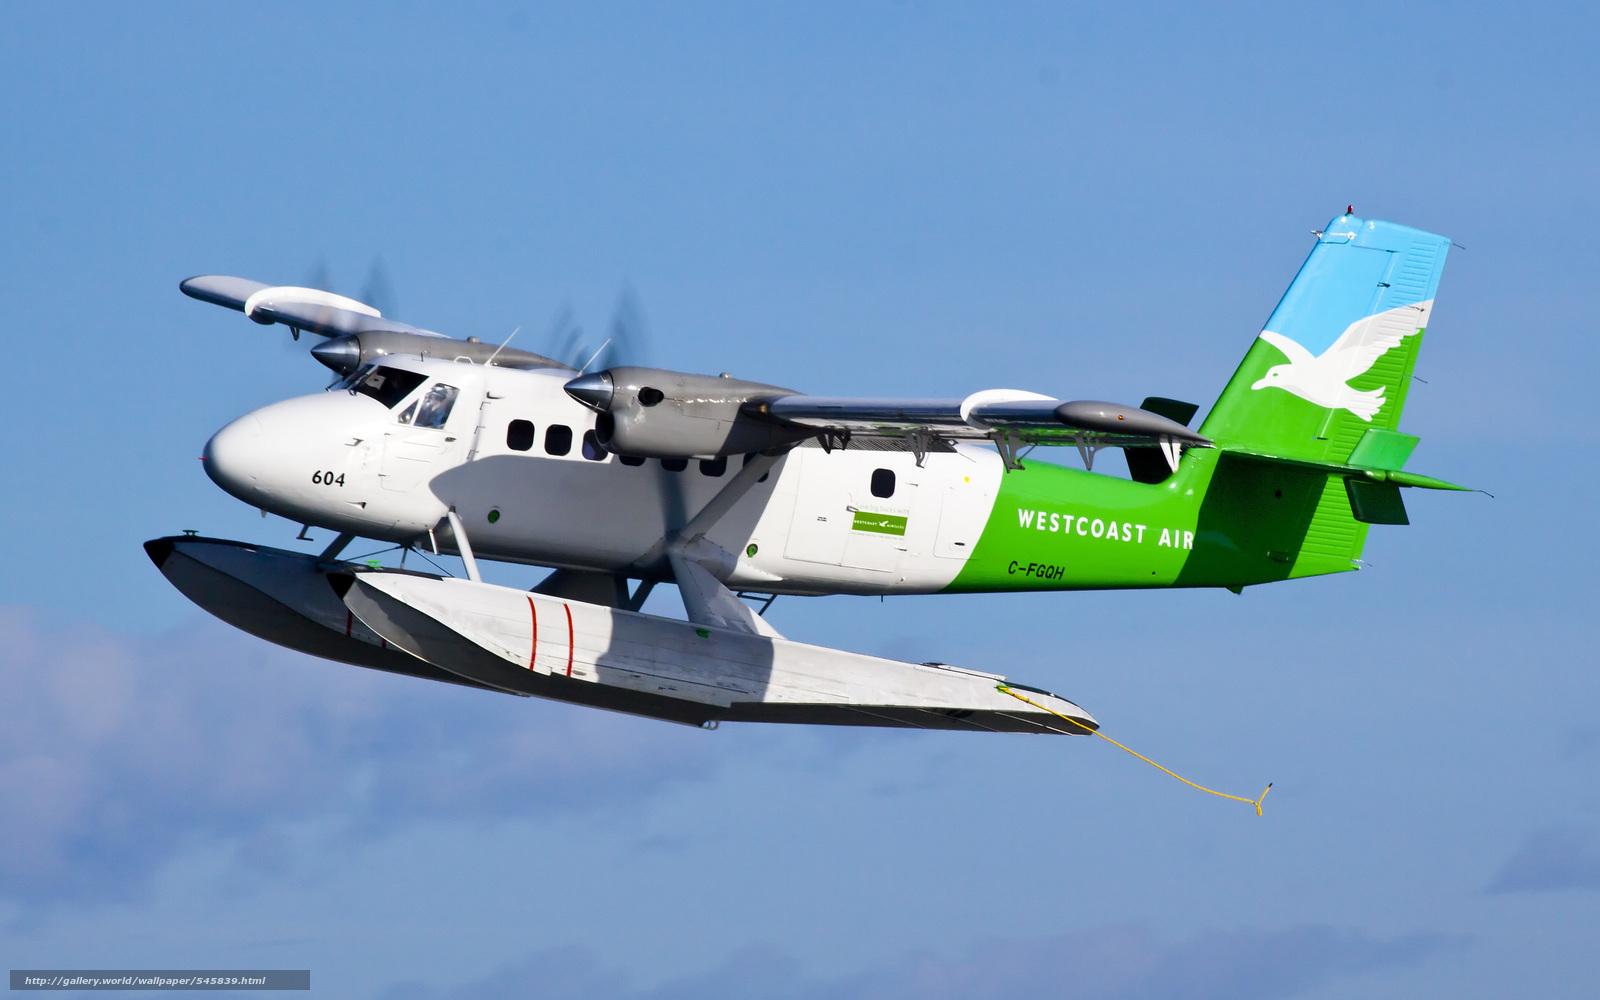 下载壁纸 水上飞机, 加拿大德哈维兰dhc-6双水獭